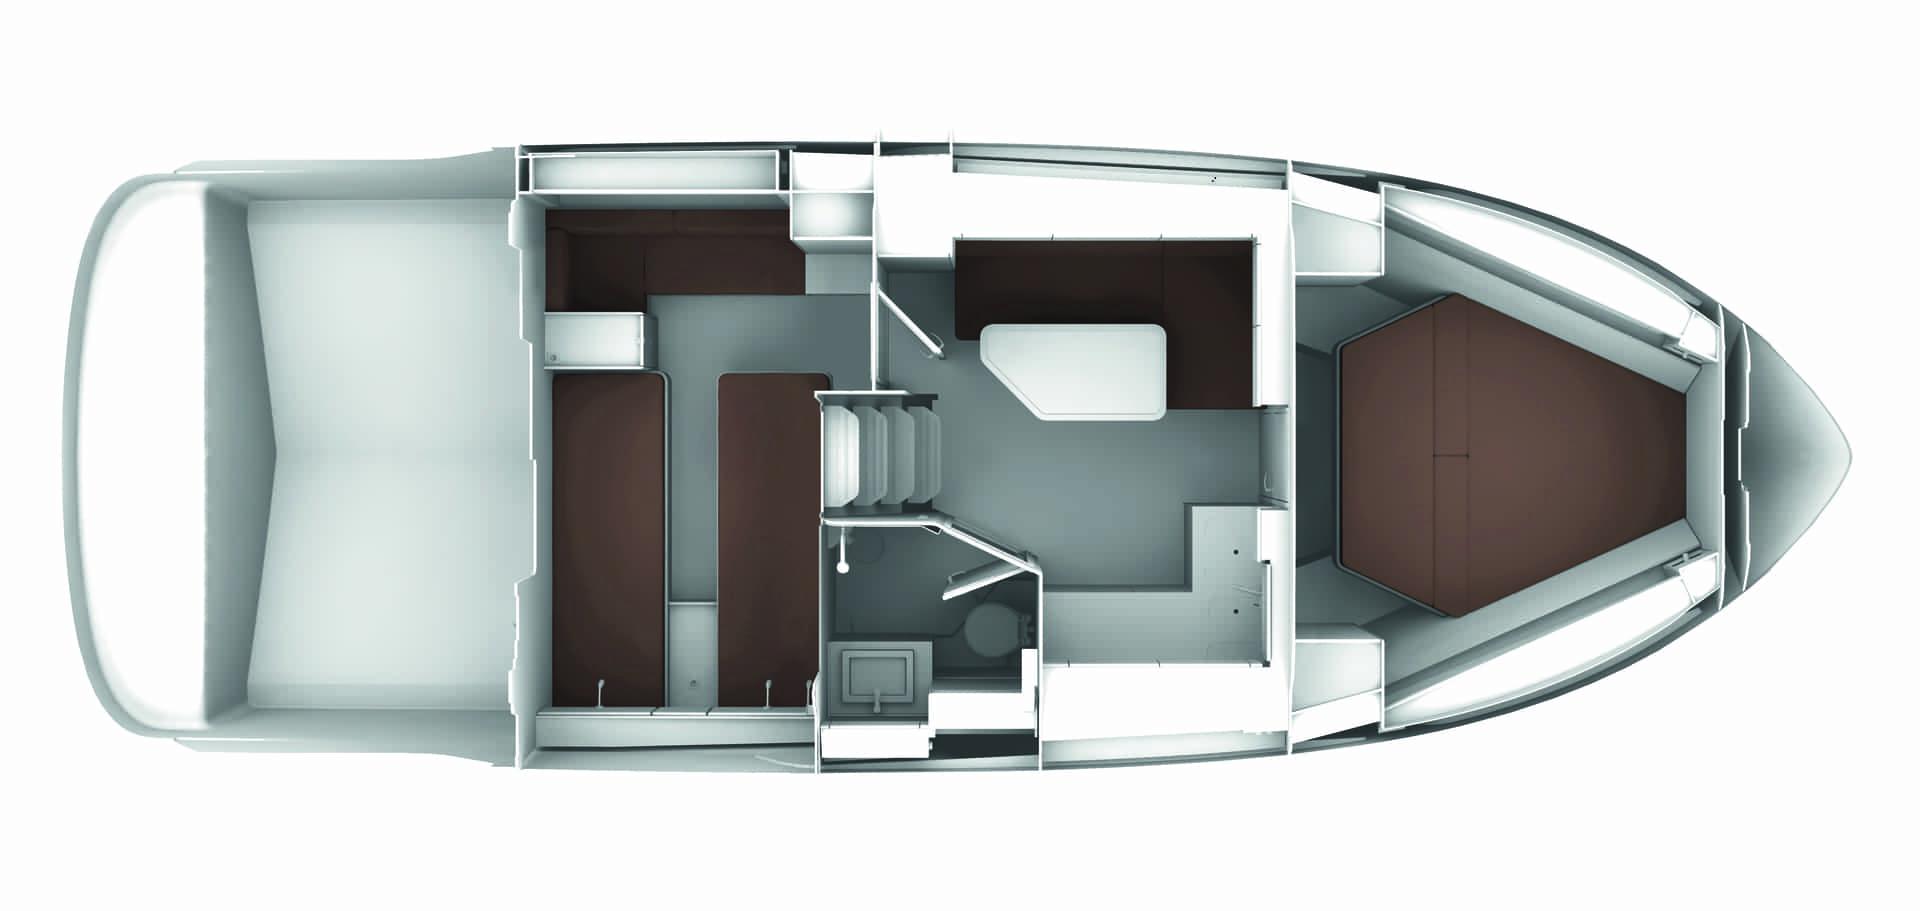 Bavaria S36 layout